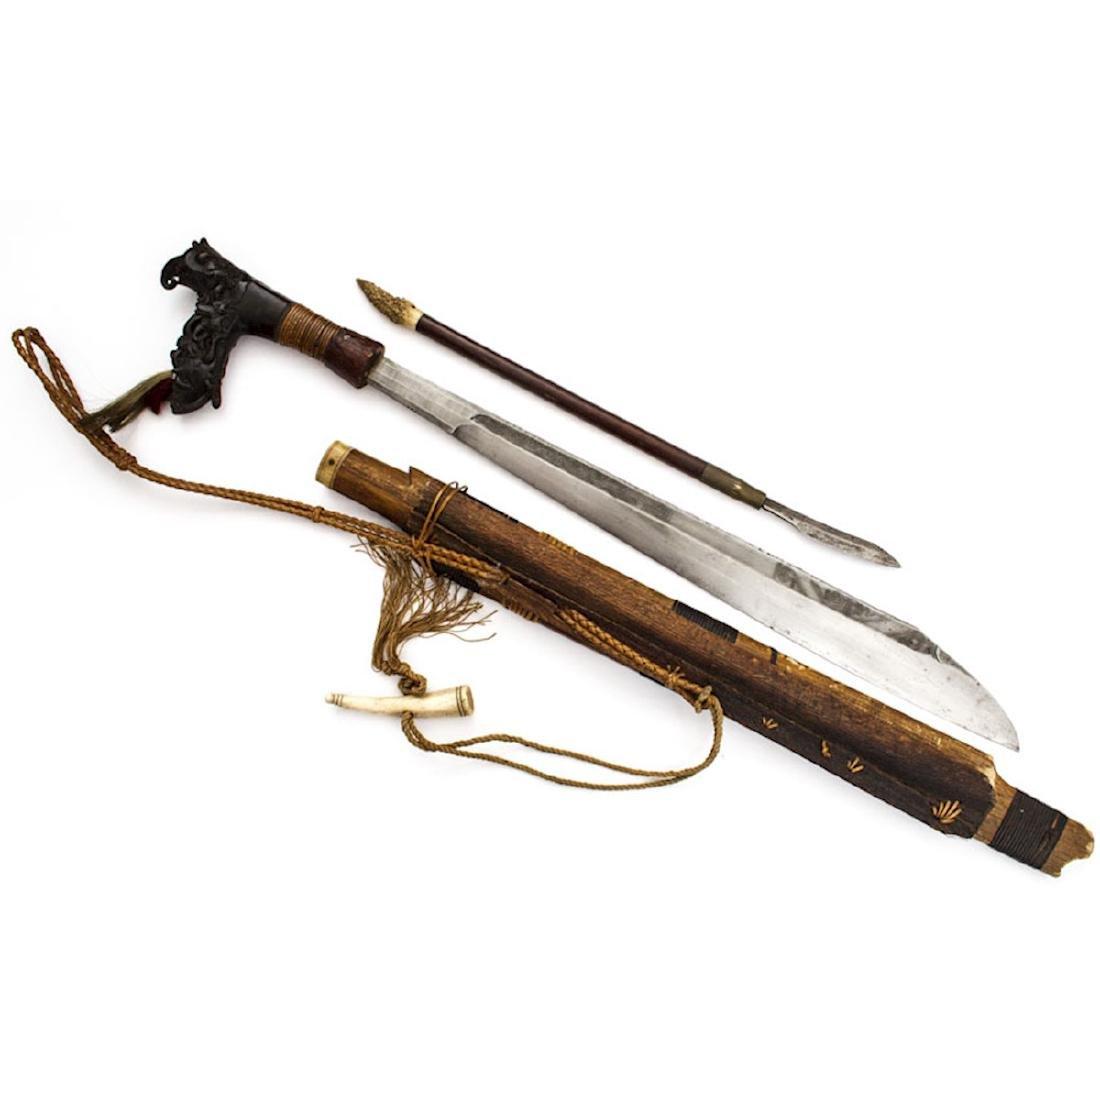 MANDAU SWORD, BORNEO, 19TH C.